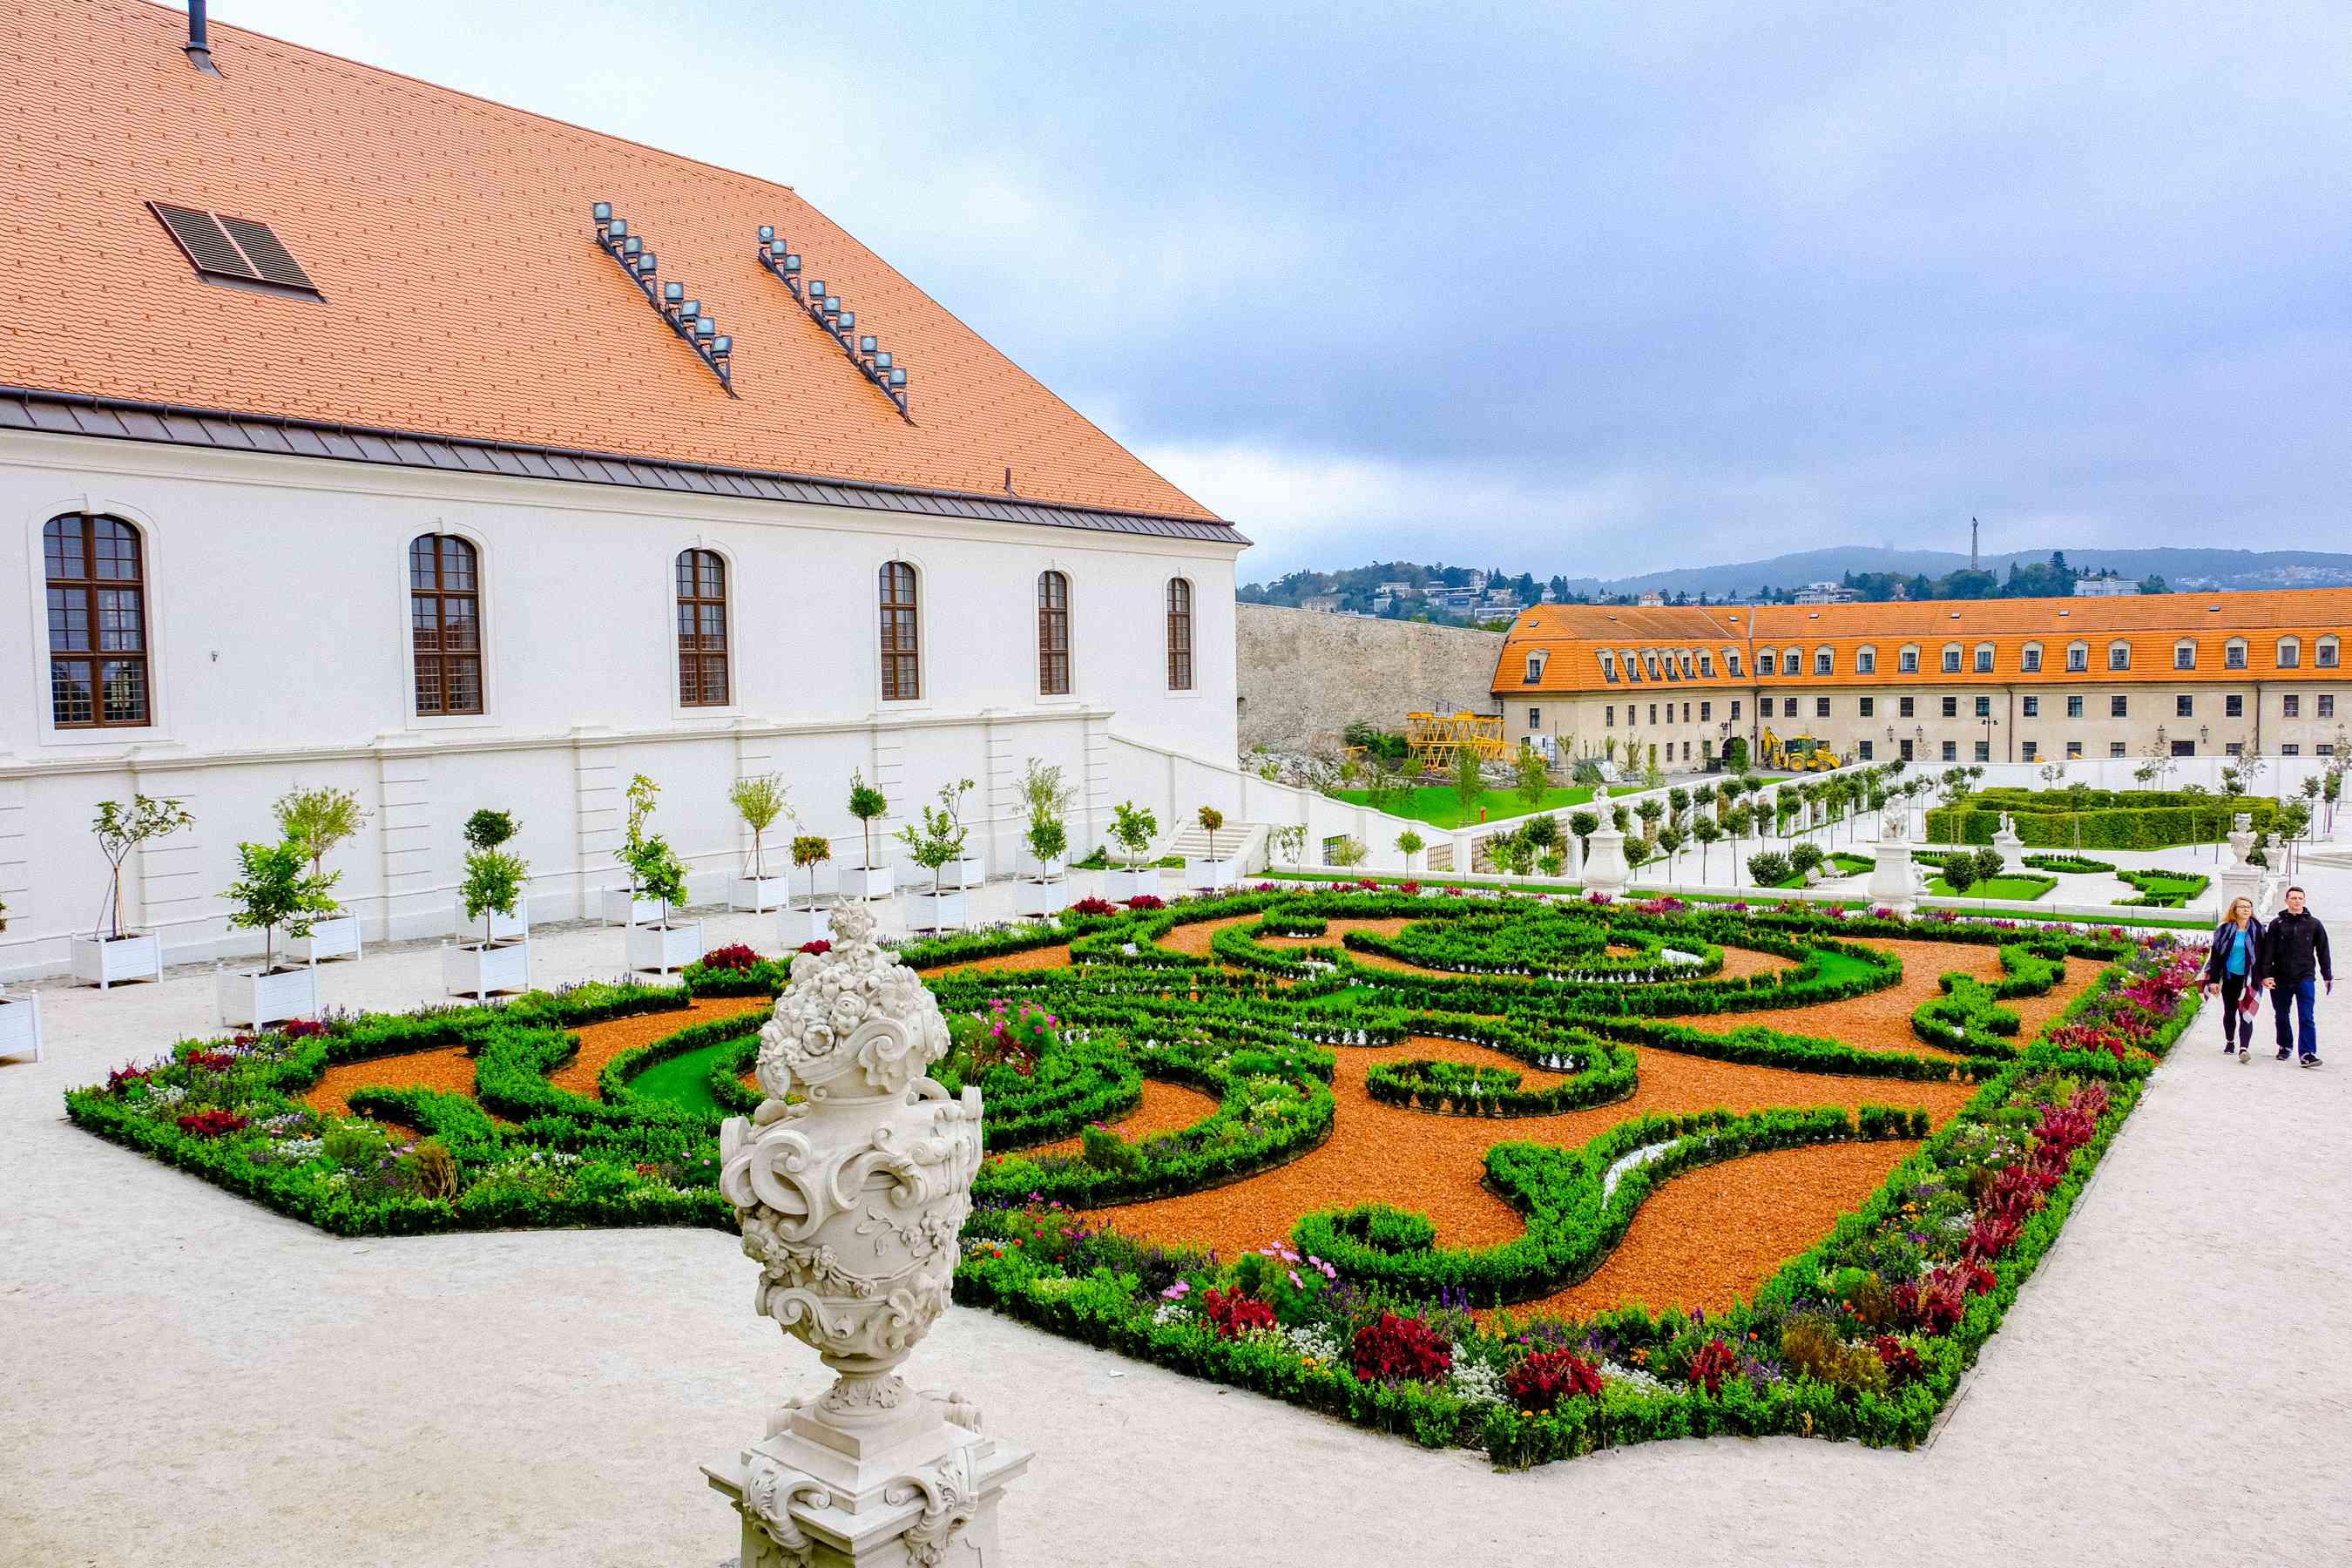 Gardens outside of the Bratislava Castle